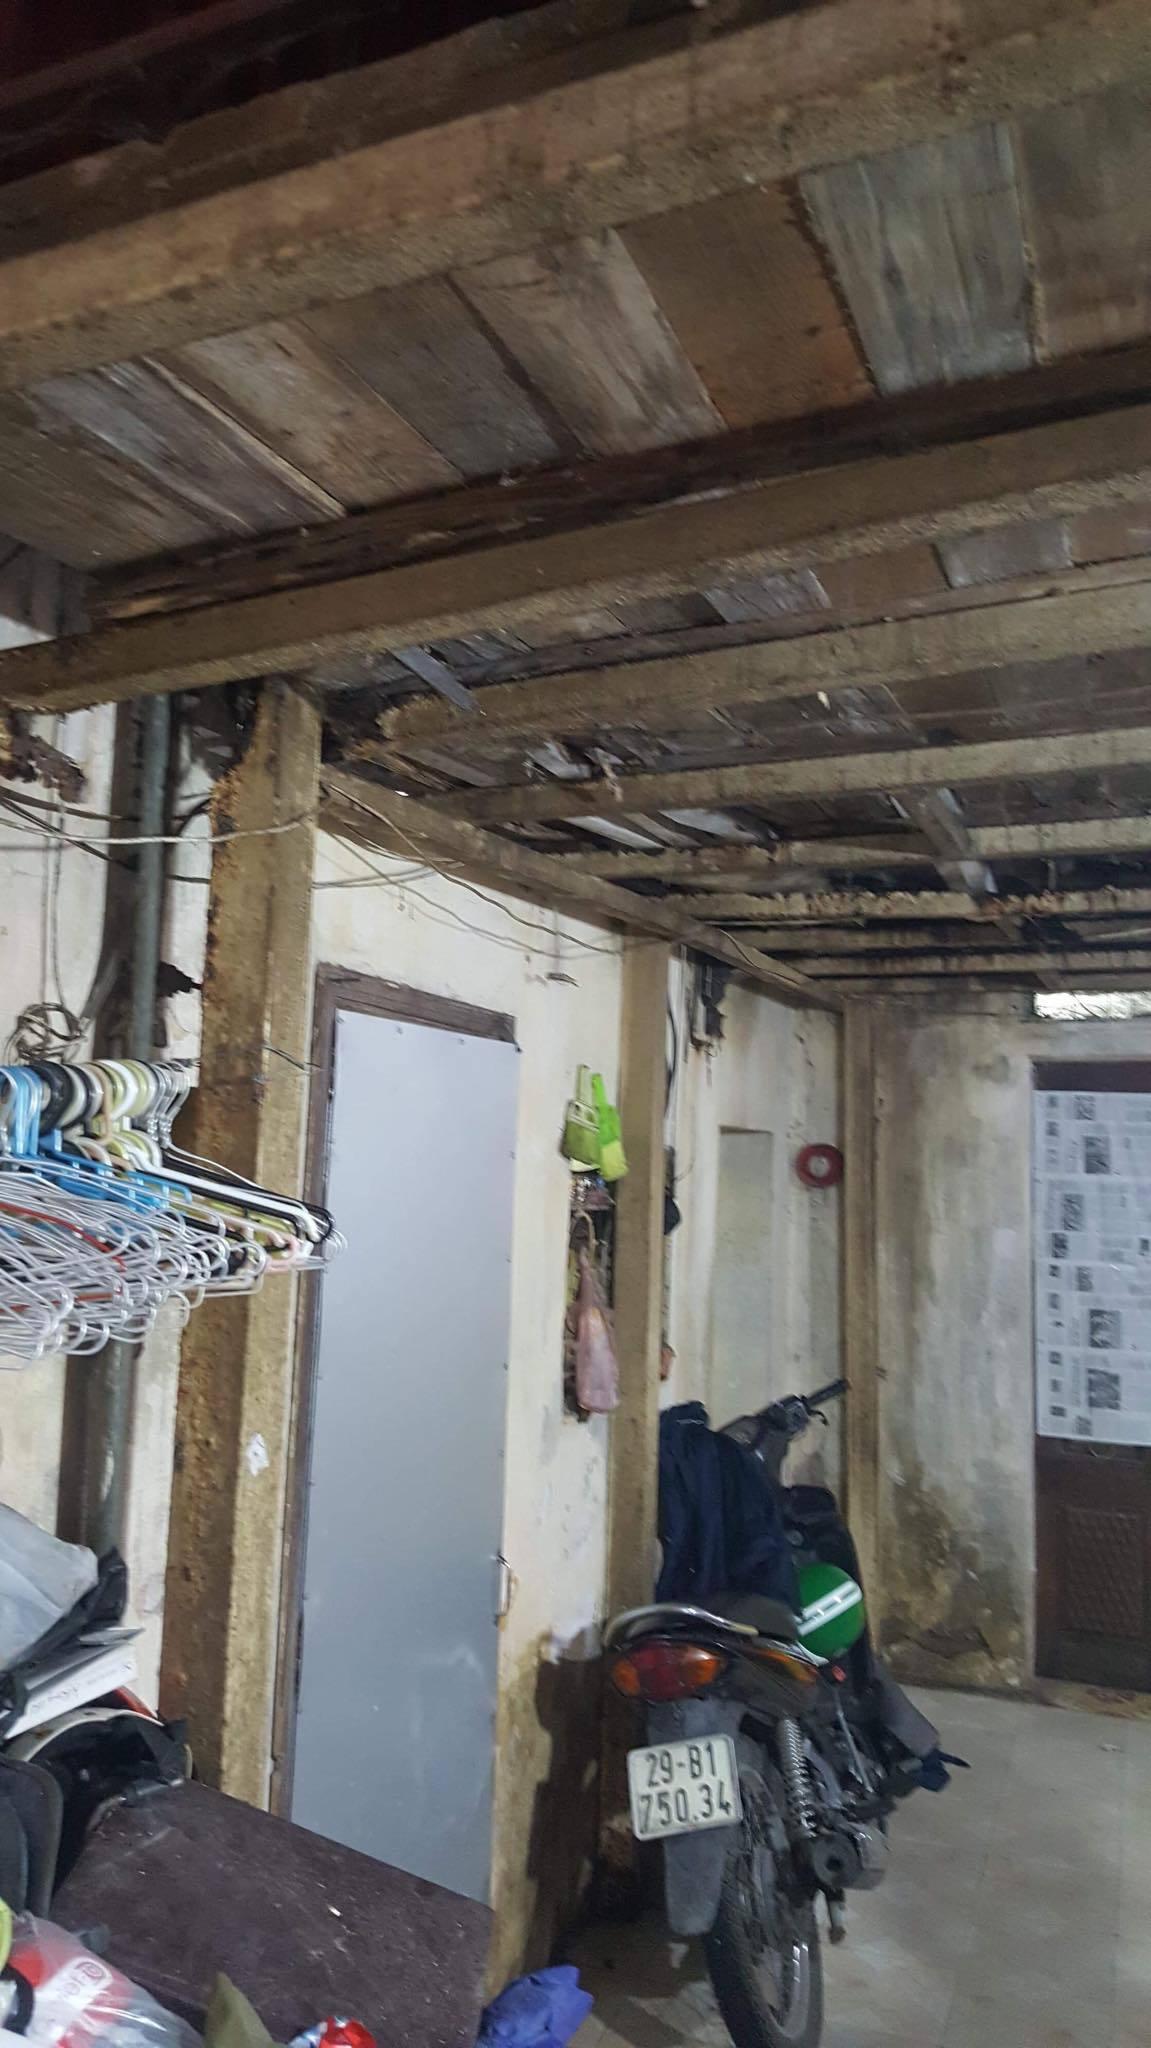 Ban thờ lập vội trong căn nhà tồi tàn của nạn nhân vụ tai nạn ở hầm Kim Liên-7